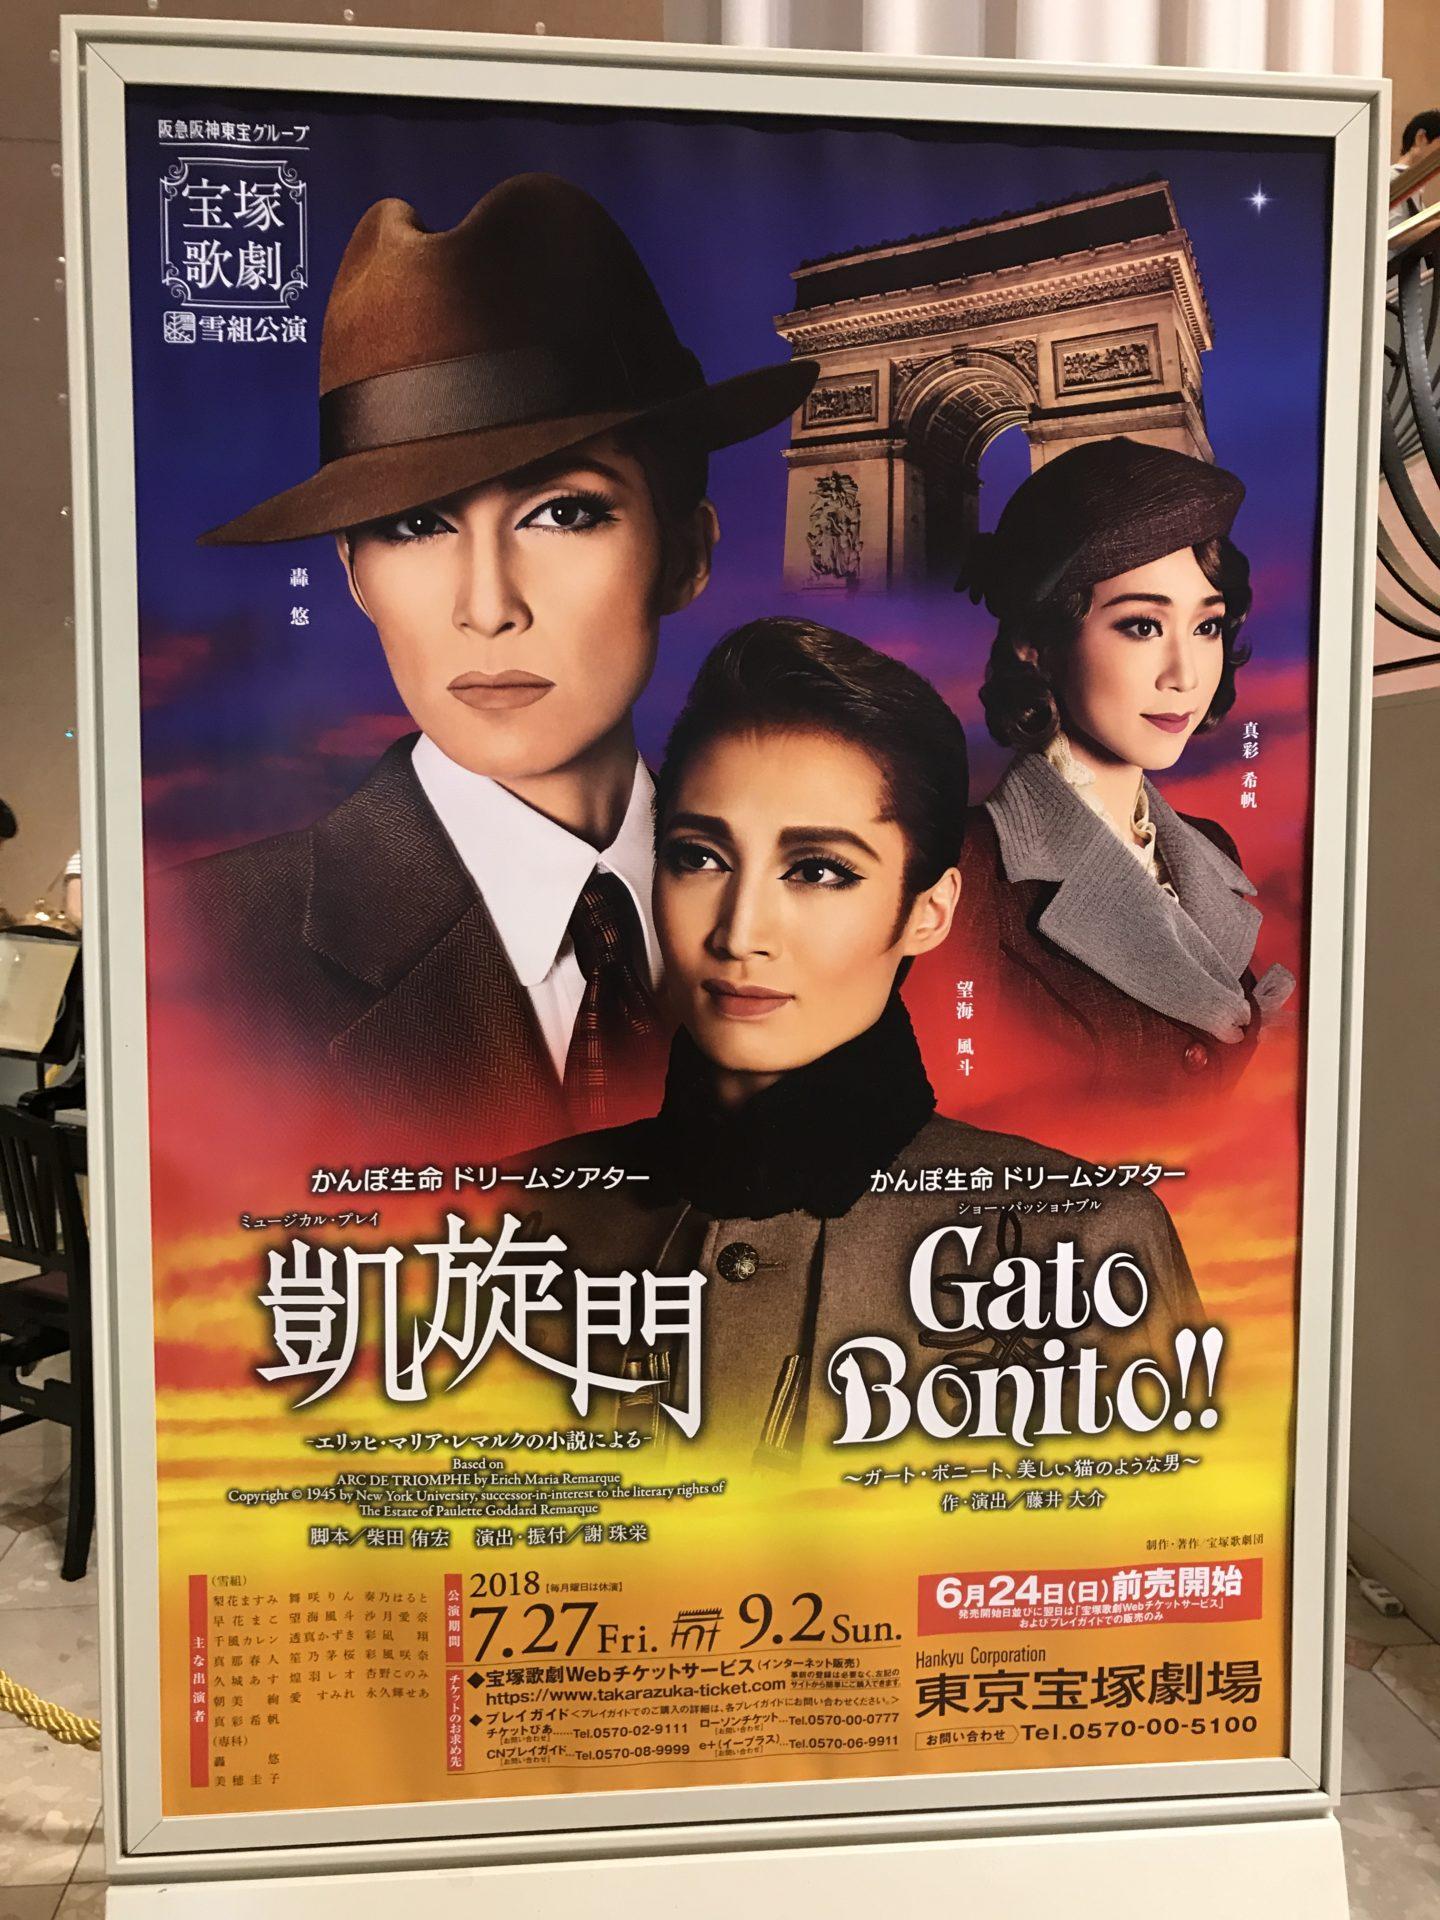 2018年雪組公演「凱旋門」東京宝塚劇場